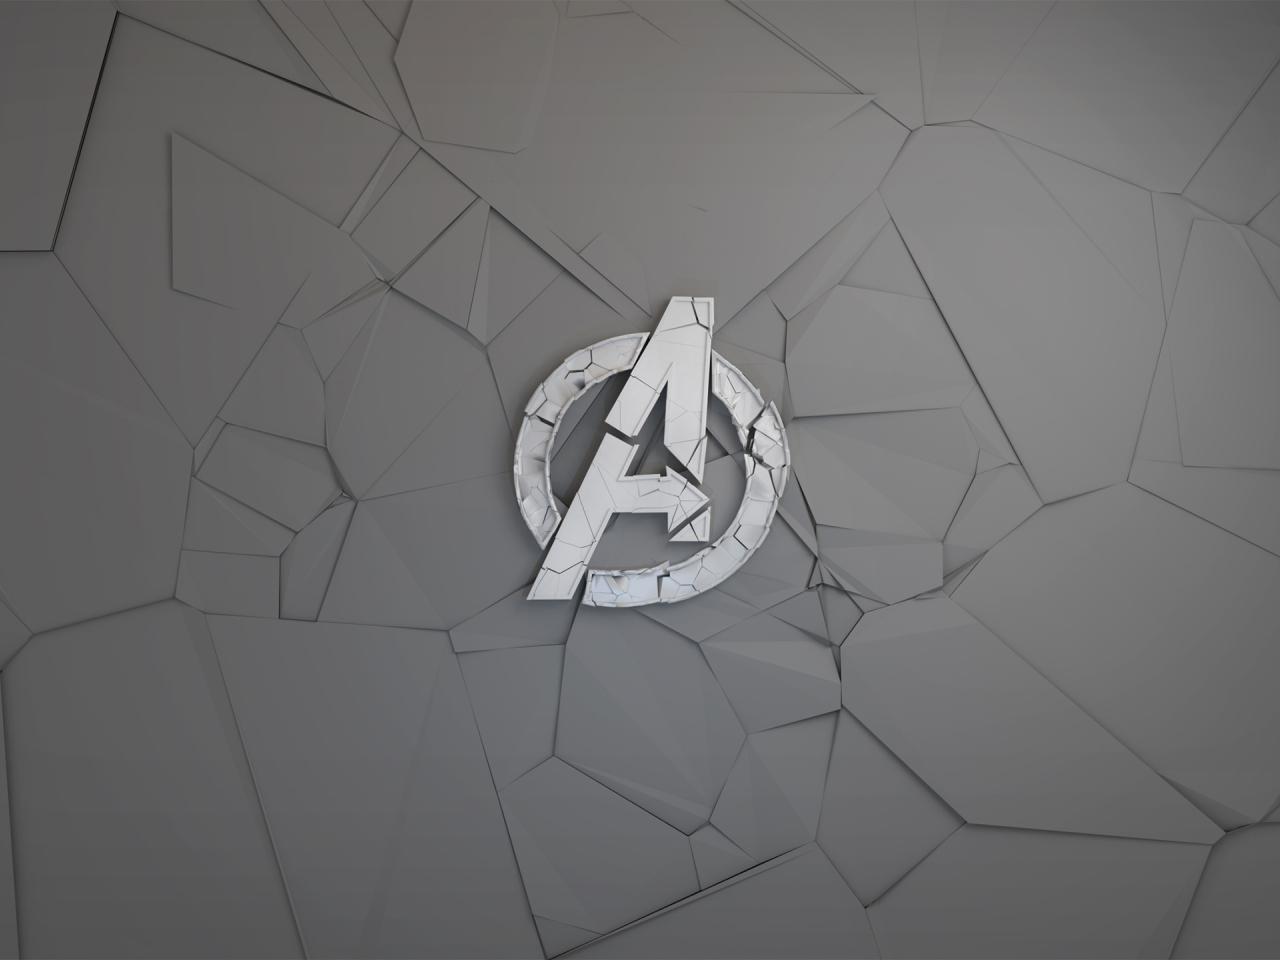 Avengers logo minimal art full hd 2k wallpaper for Minimal art logo